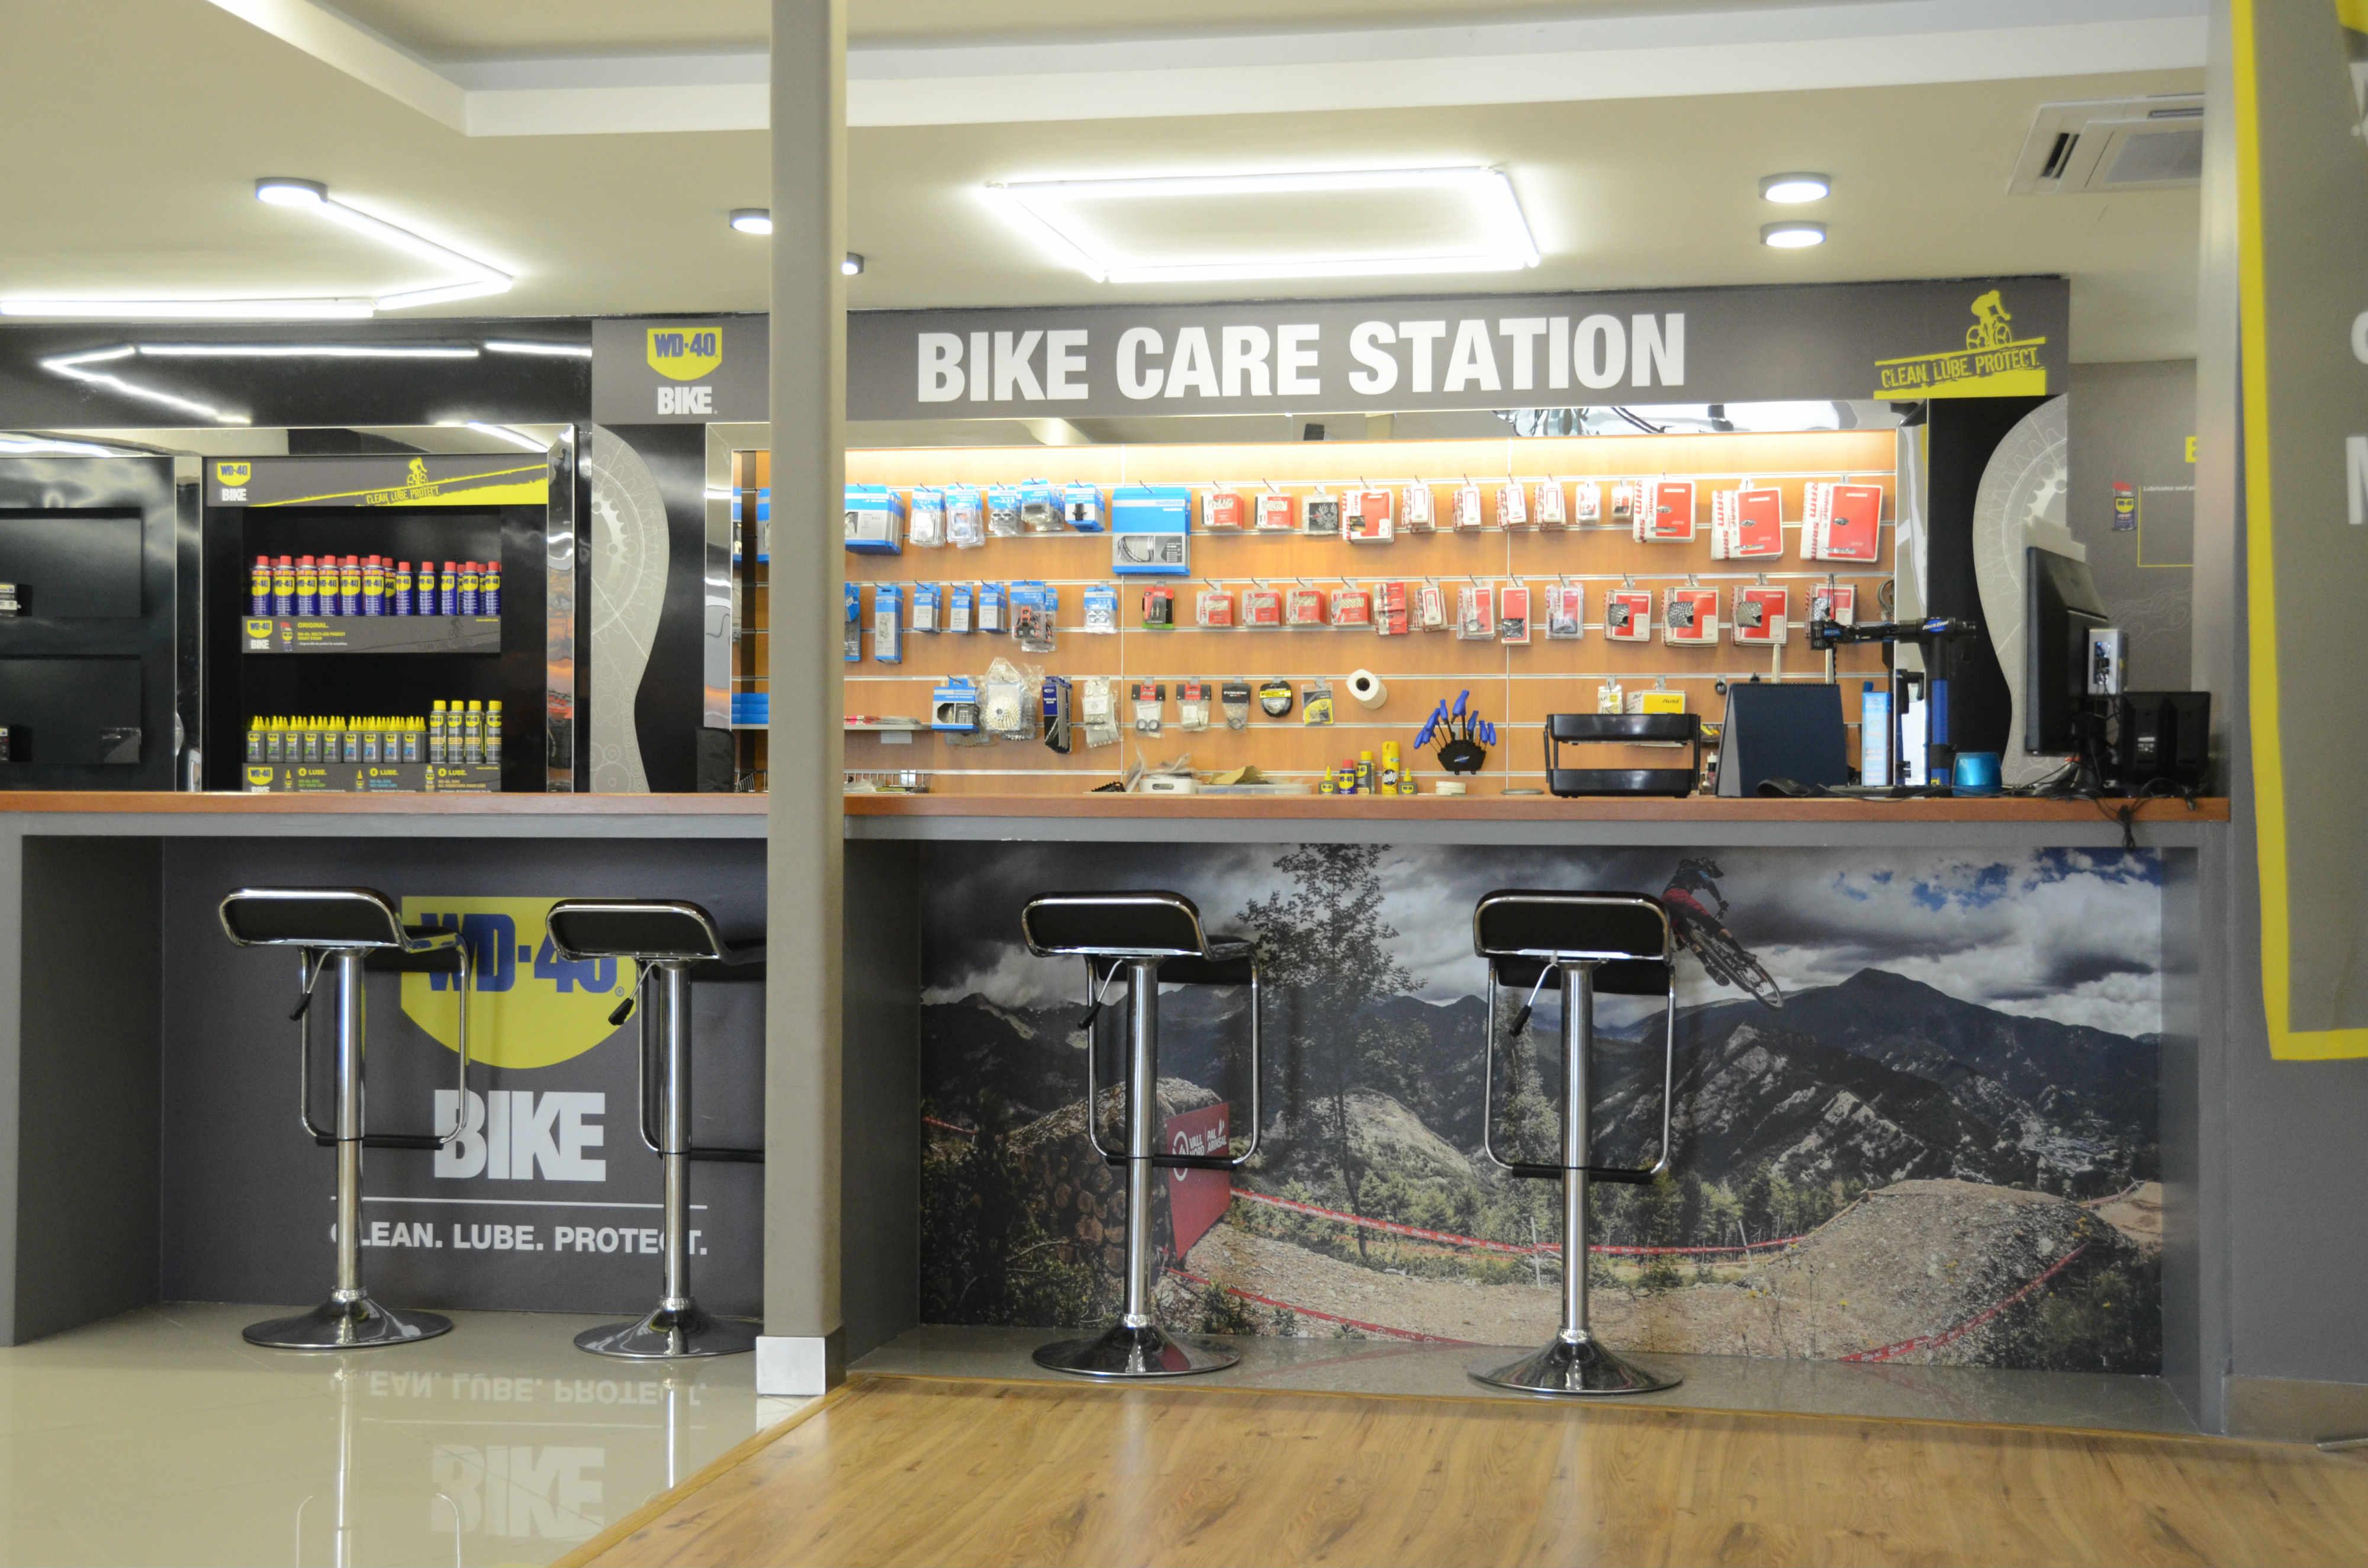 Bike Care Station